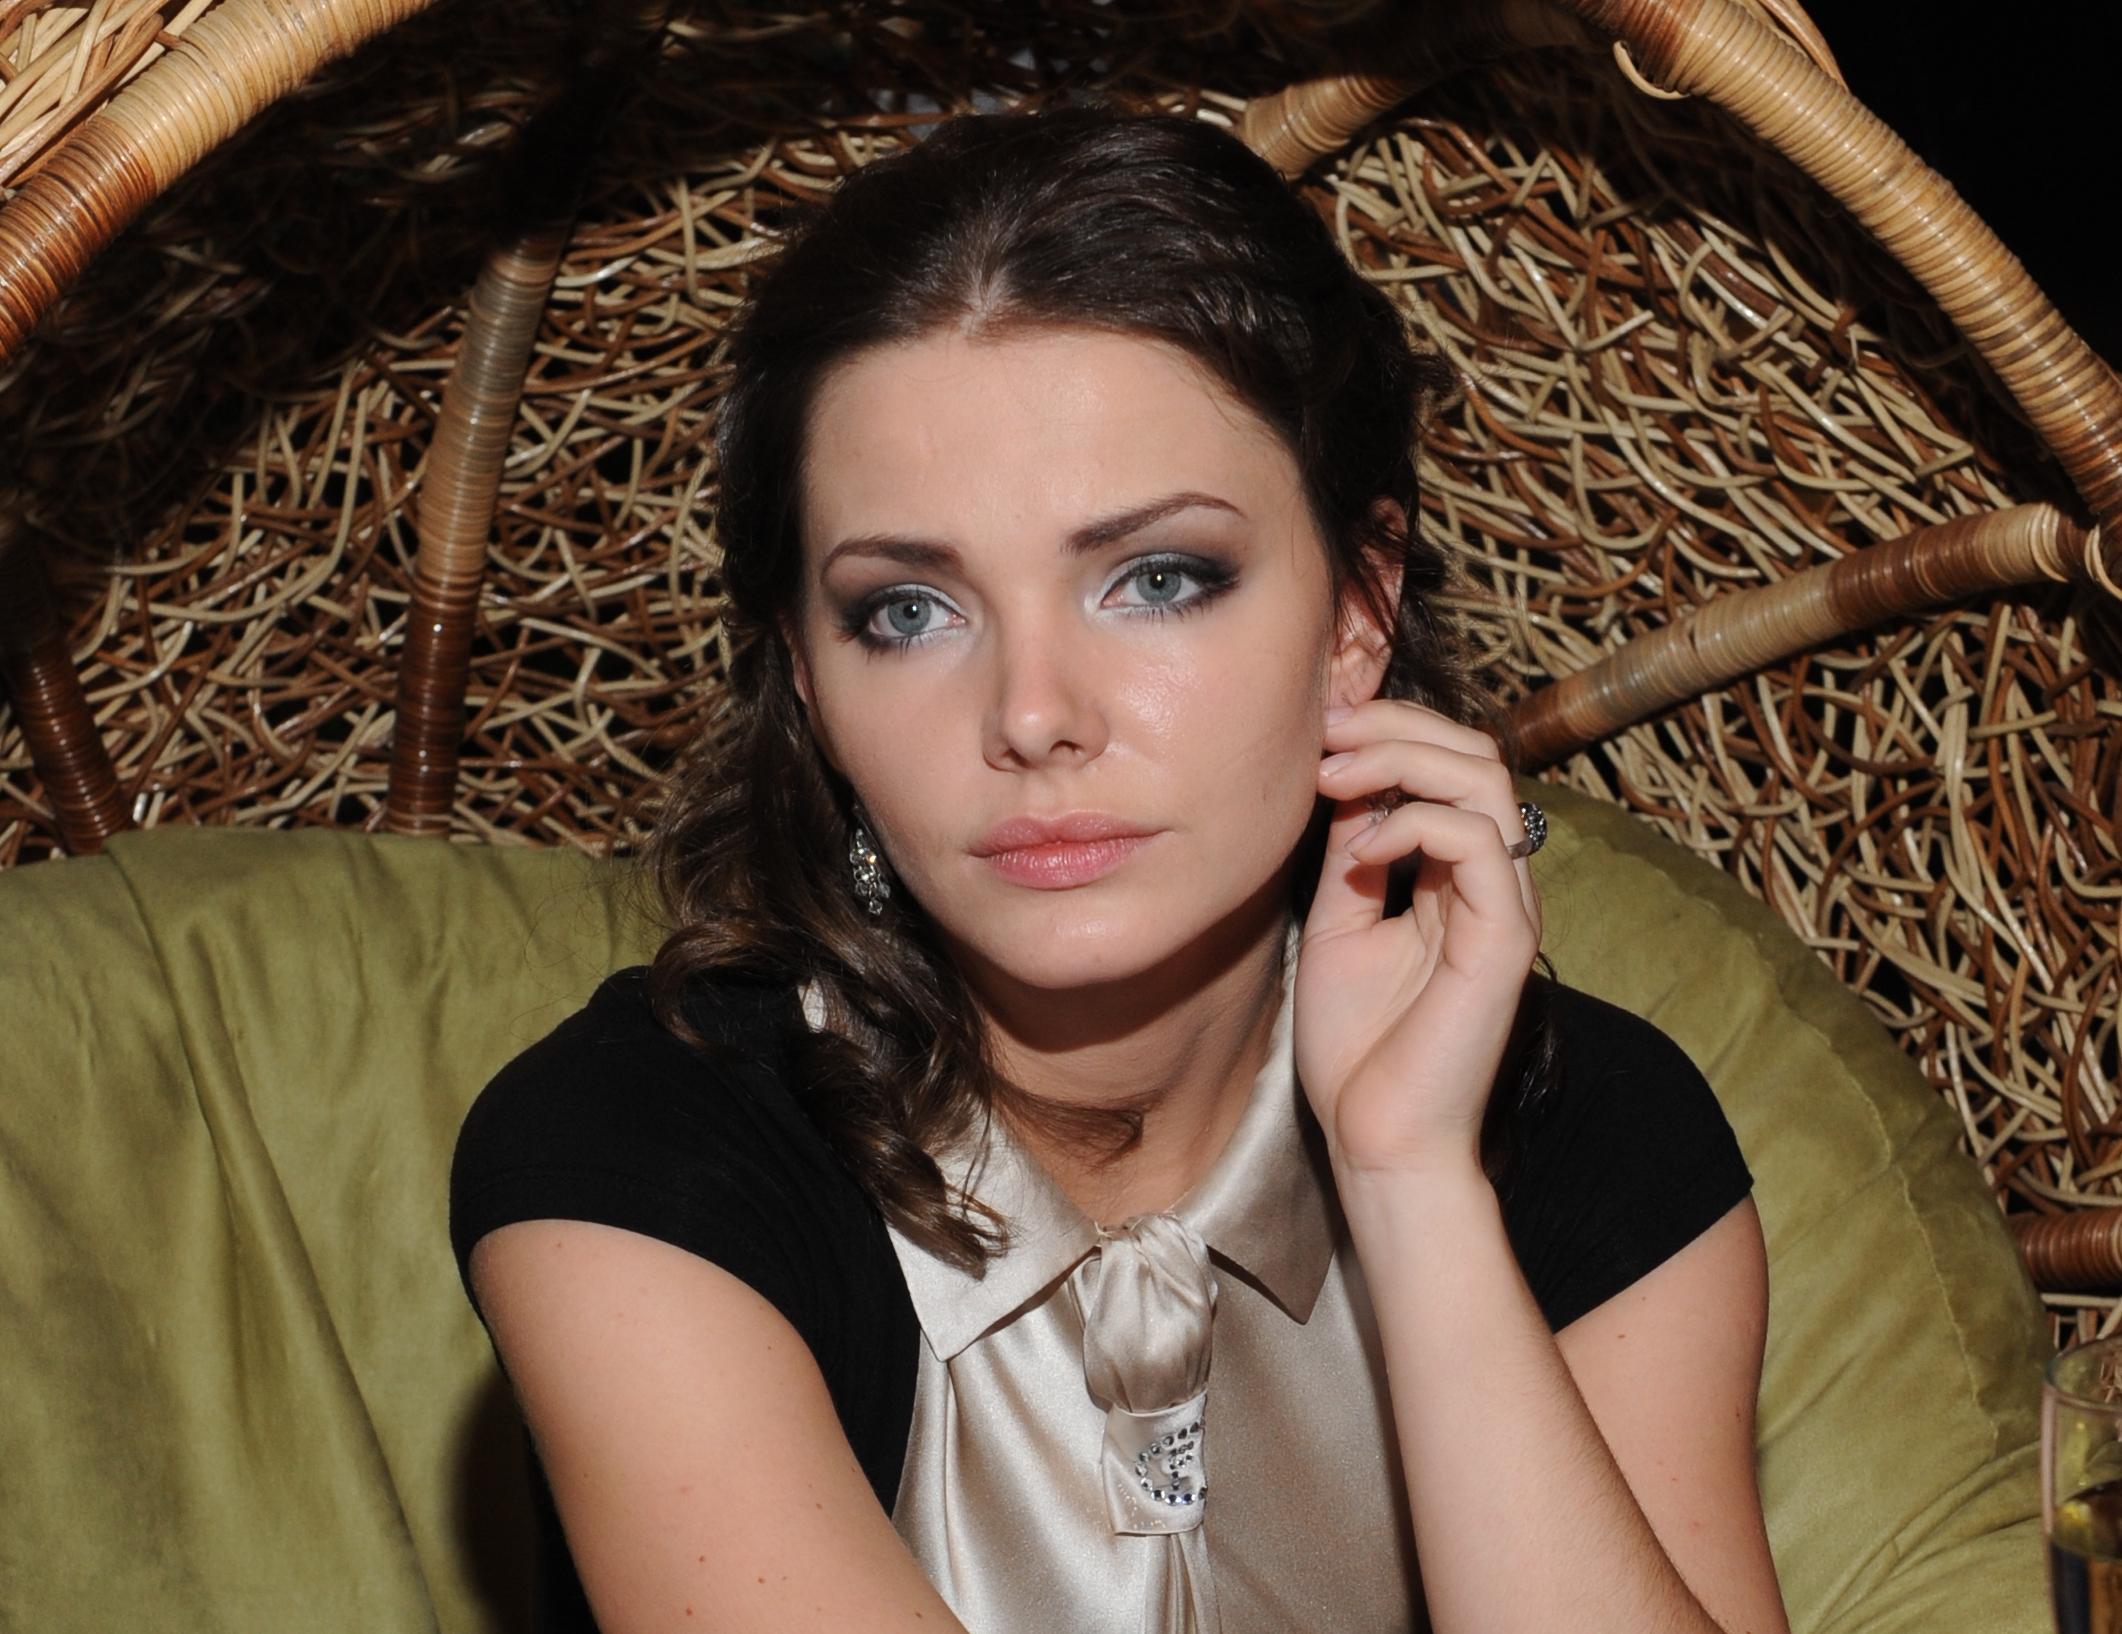 Елизавета Боярская предпочитает сниматься голышом. Фото и видео бесплатно